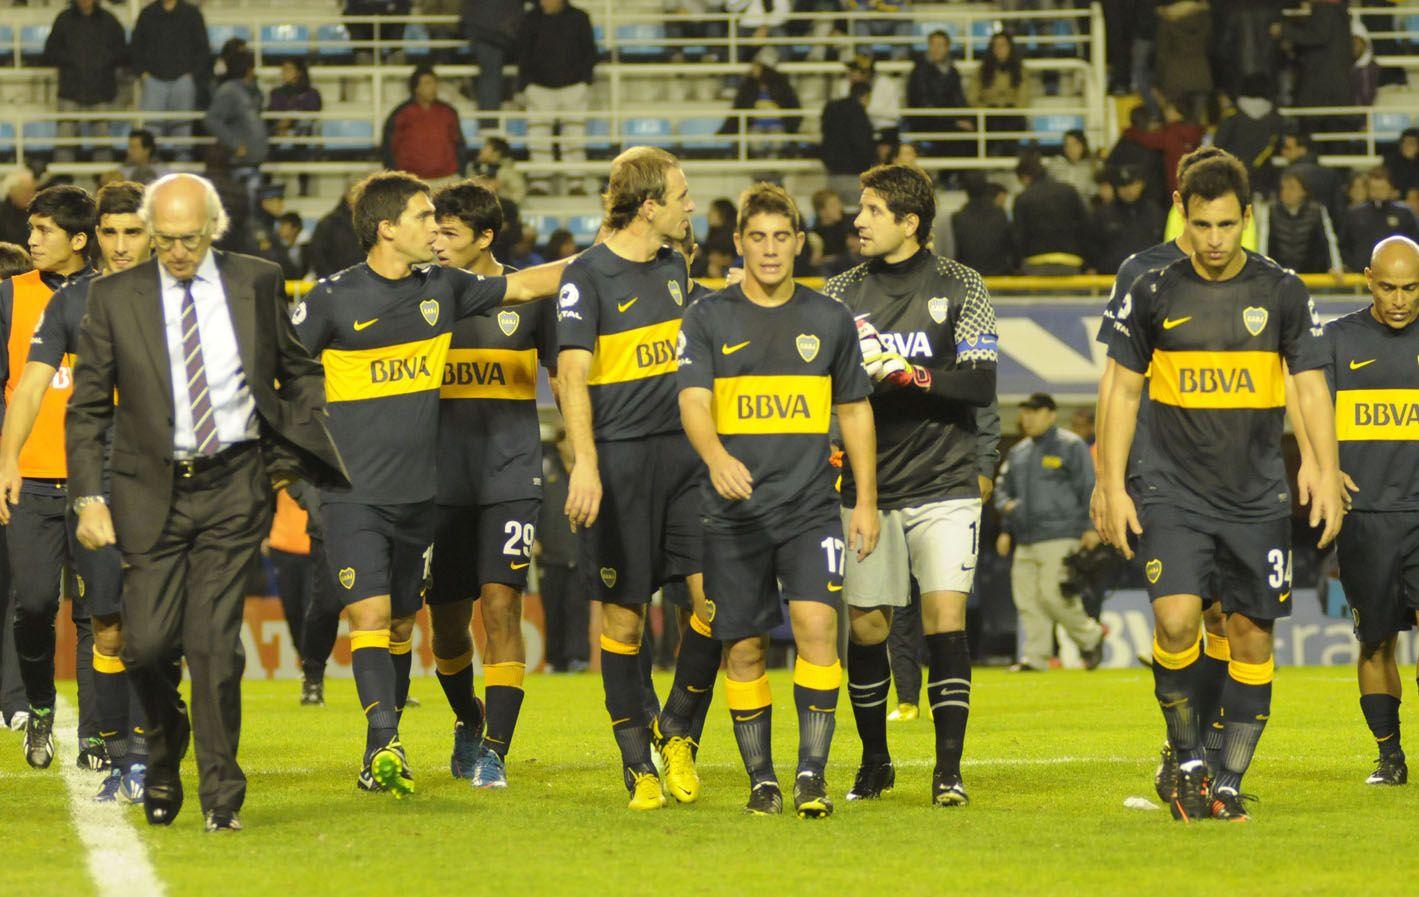 Punto y nada más. El Virrey Bianchi deja la cancha junto a sus jugadores. Boca